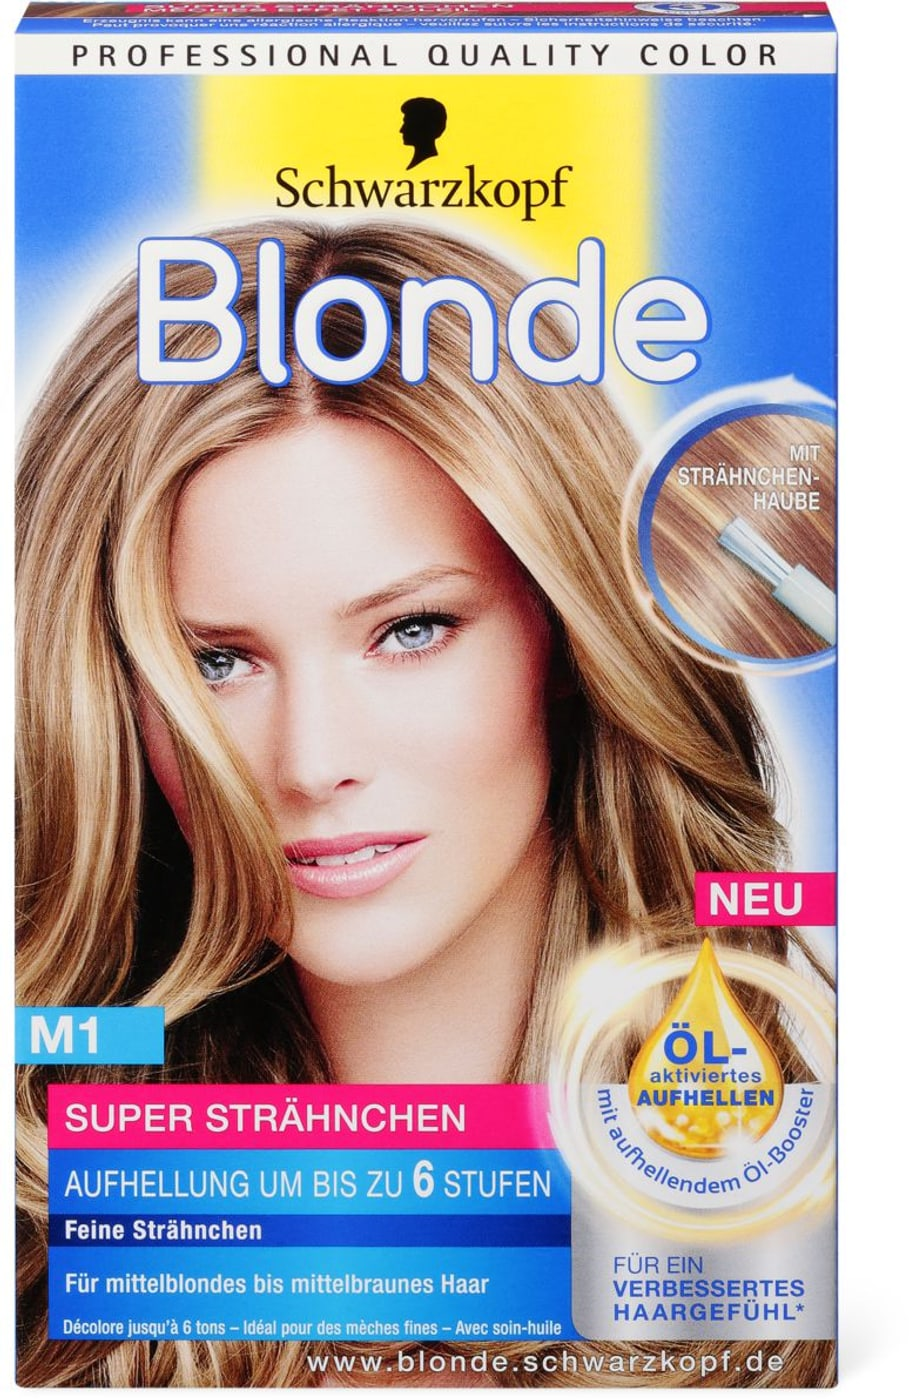 Schwarzkopf Blonde Strähnchen-S.-A. M1 | Migros